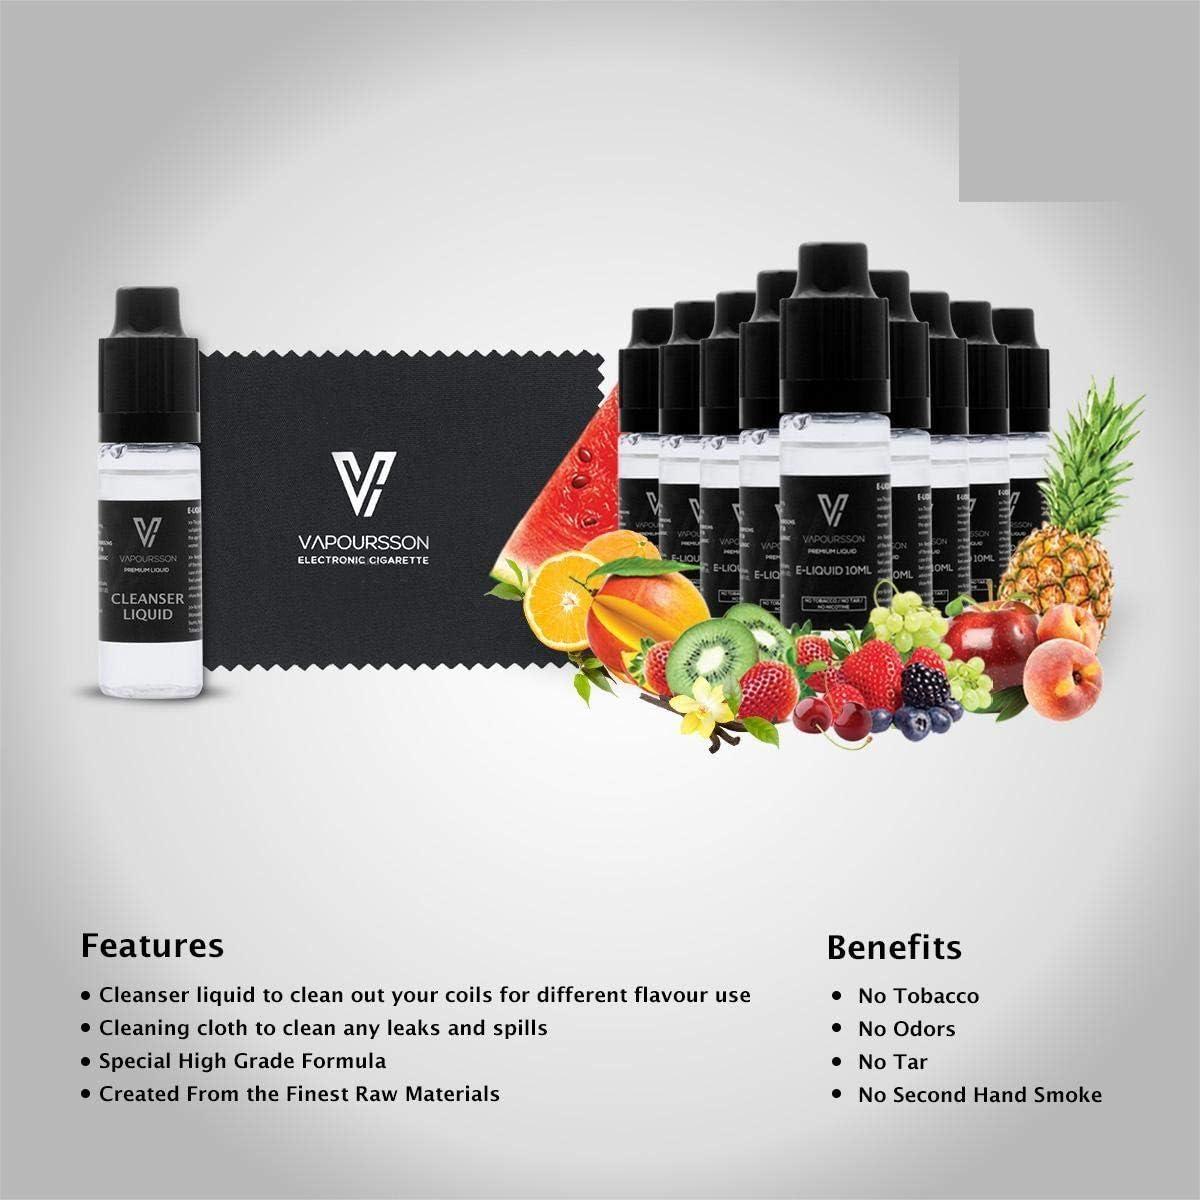 VAPOURSSON Primera mezcla de frutas limpiador Pack | 10 X 10ml E Líquido | Limpiador Líquido | Nuevo paño de limpieza Eliquid especial | Nueva fórmula hecho para el cigarrillo electrónico y e